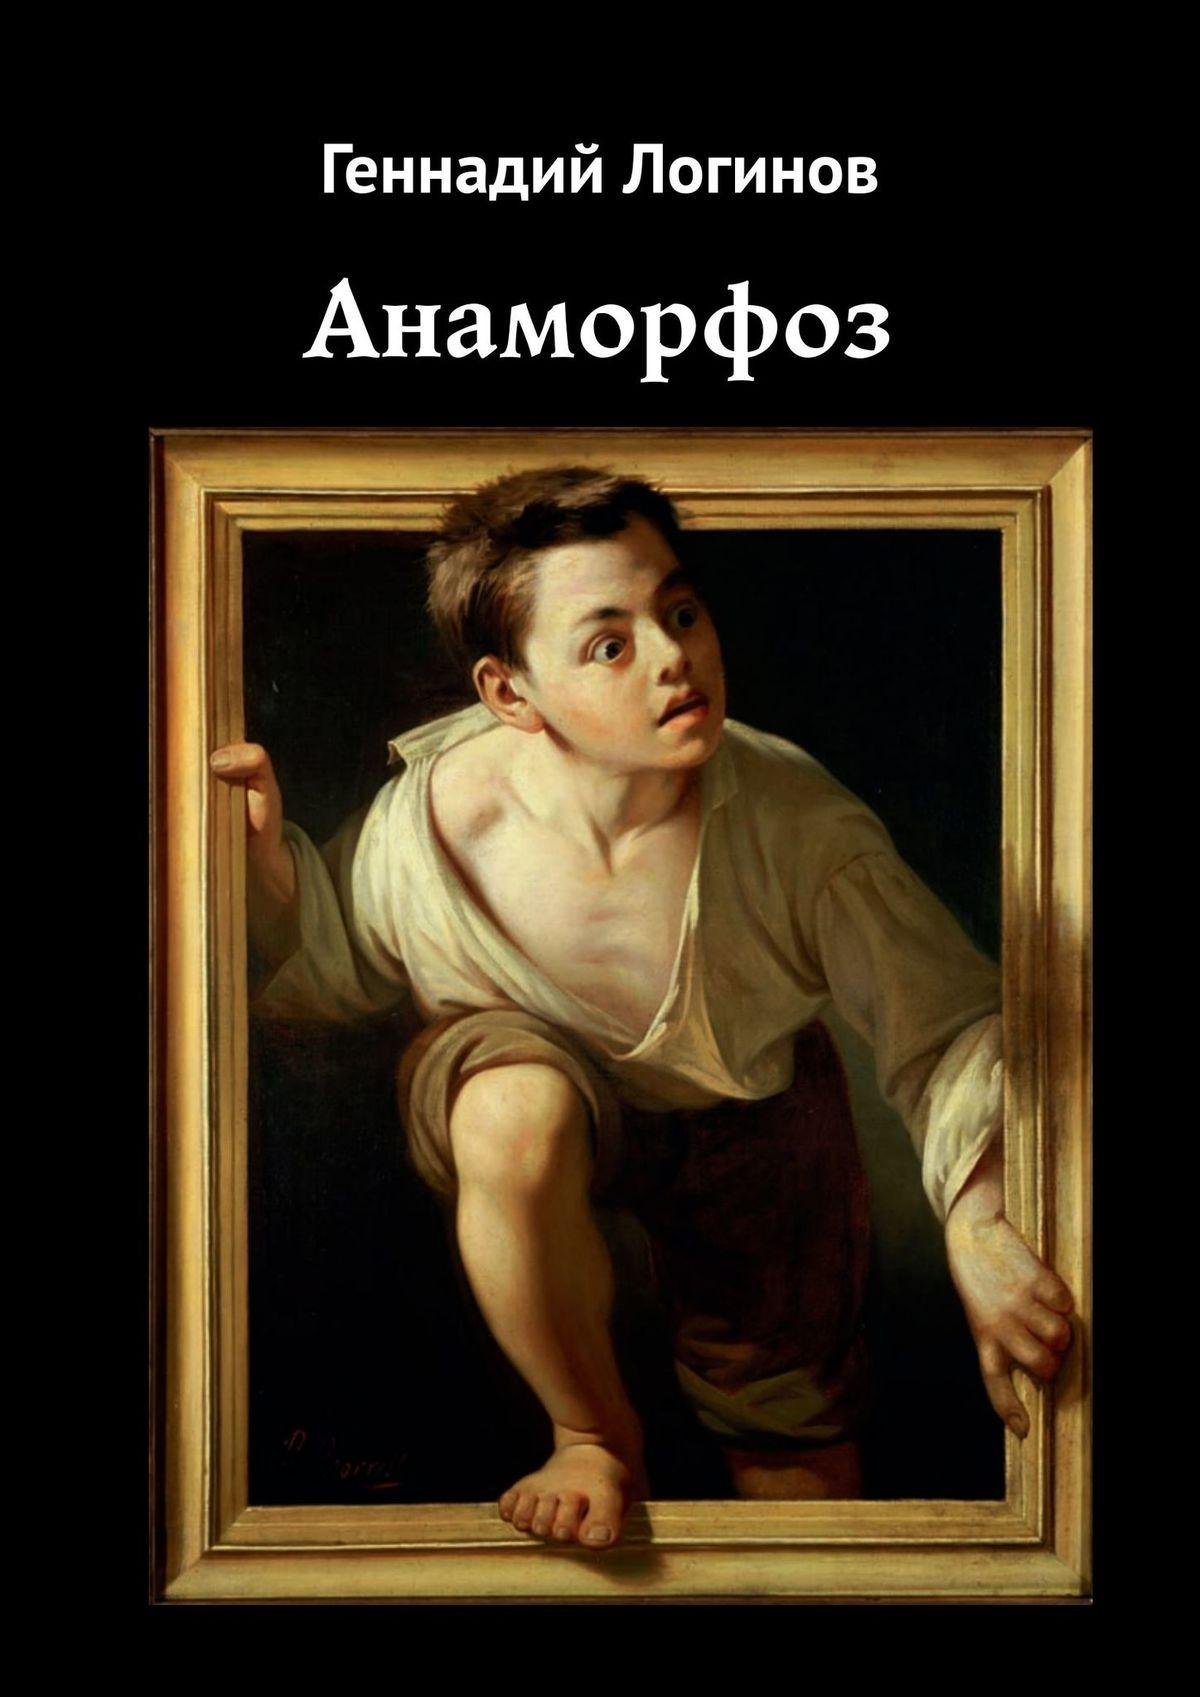 Геннадий Логинов Анаморфоз. Mutāto nomĭne, de te fabŭla narrātur геннадий разумов космический маяк